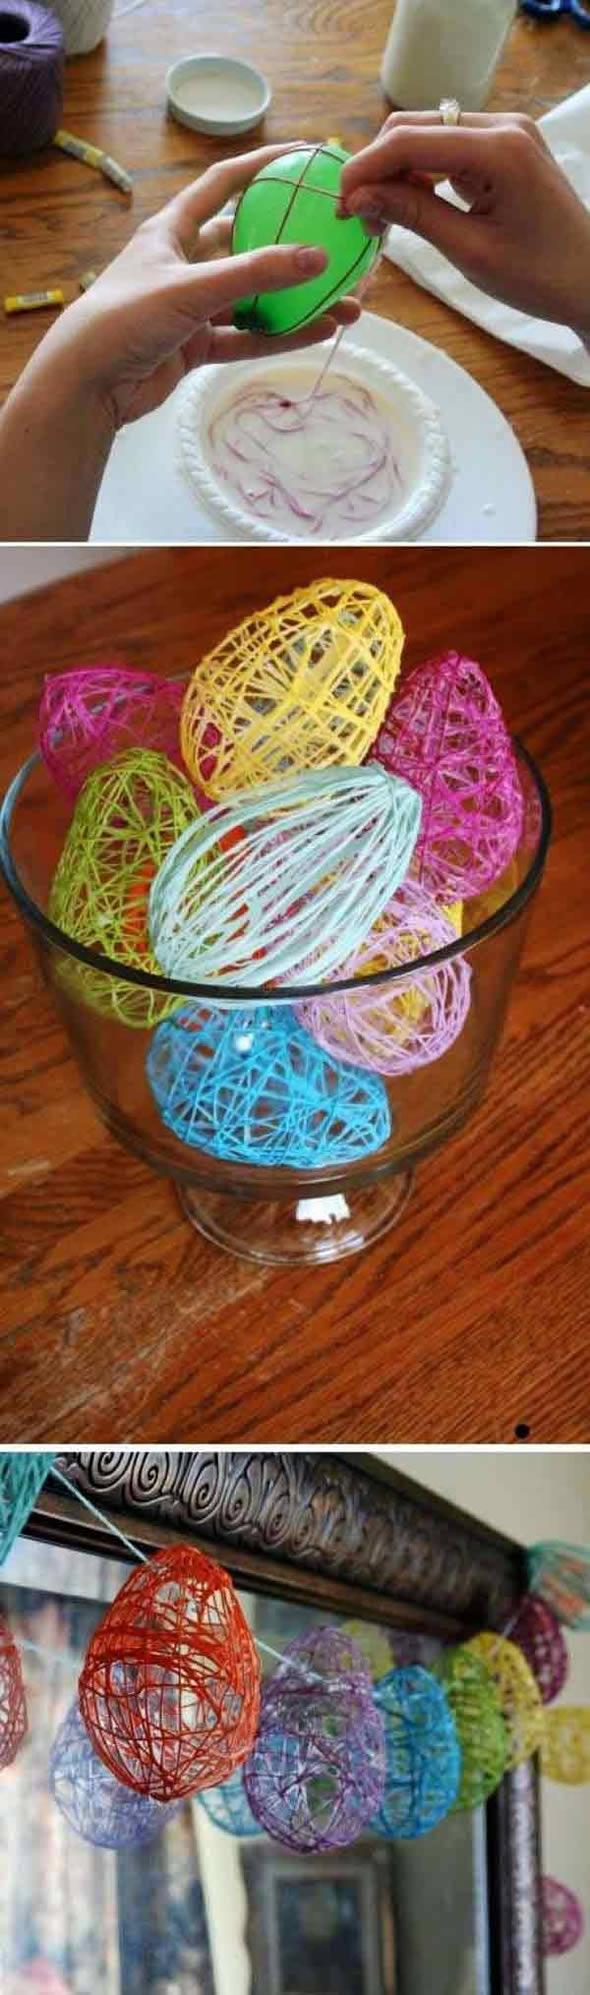 10 Enfeites Fofos para fazer Decoração para Páscoa